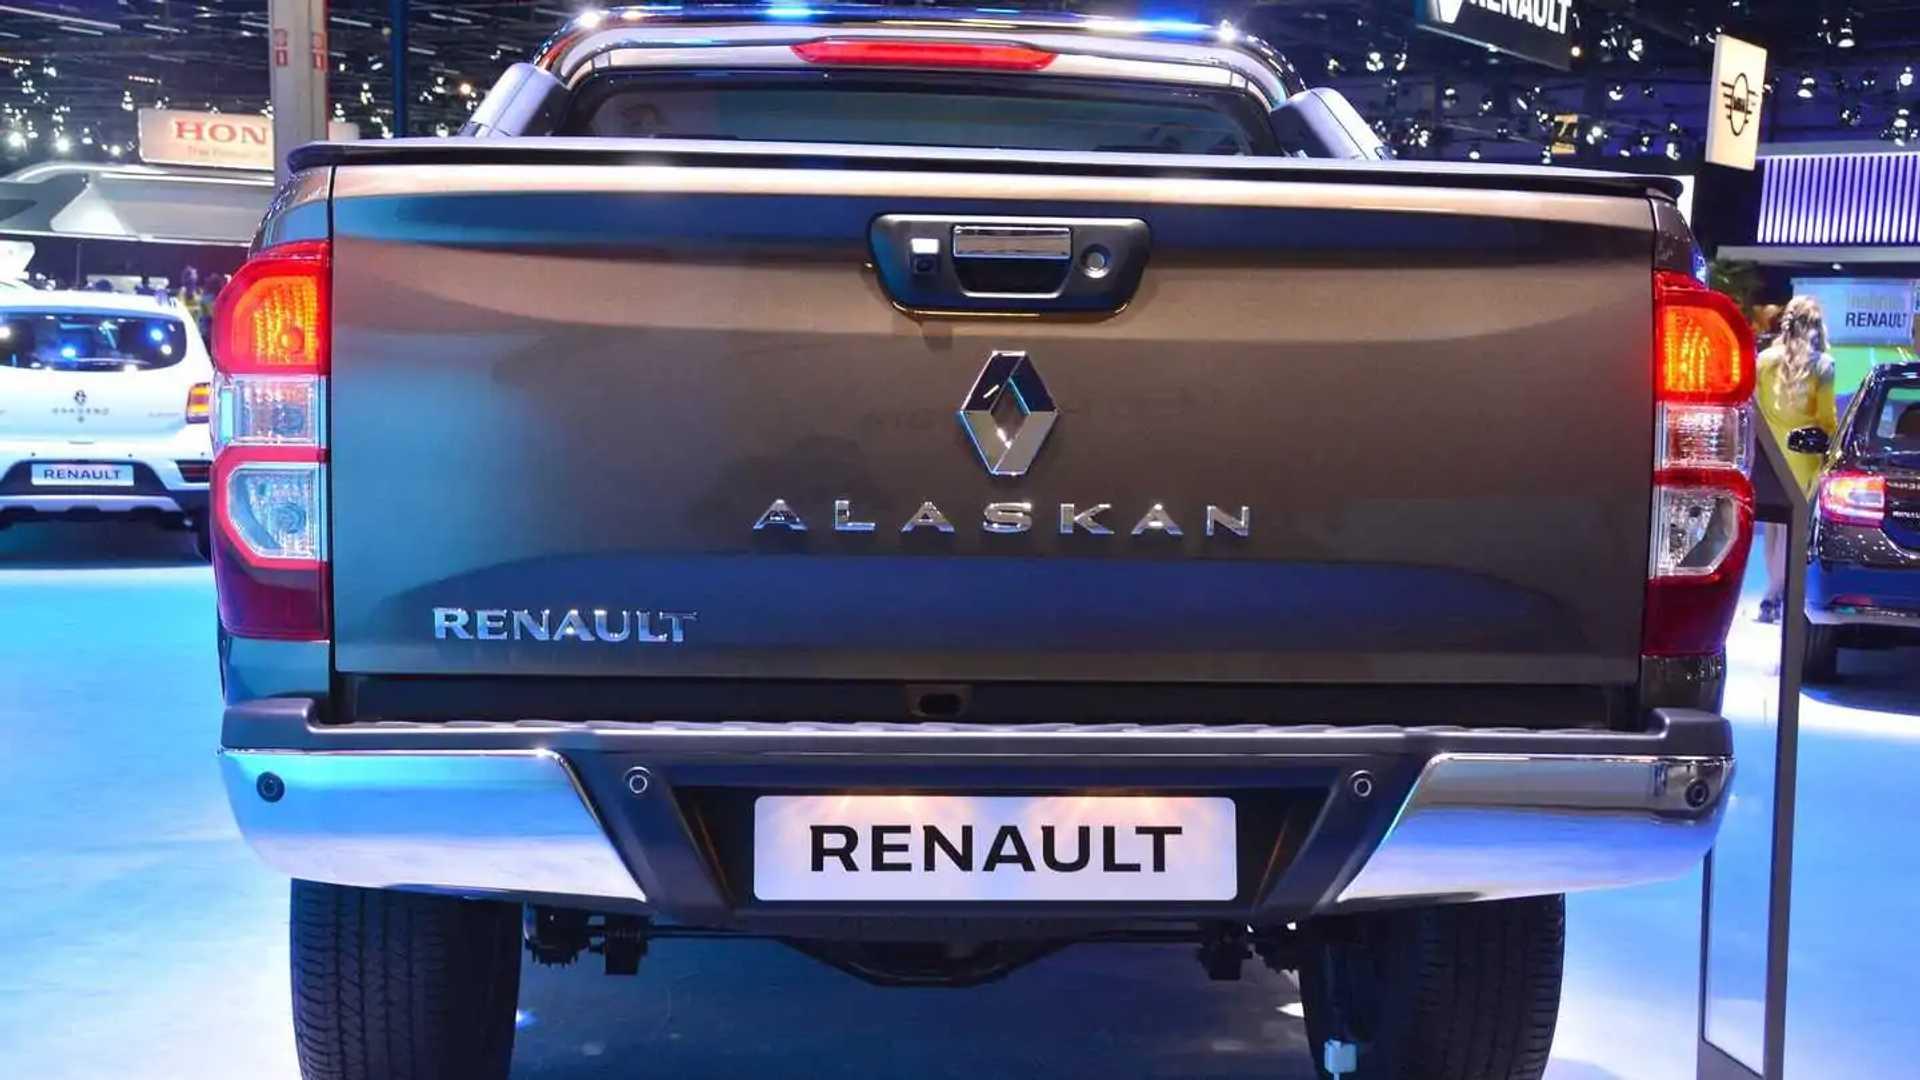 Salão de SP: Renault Alaskan aparece, mas sem compromisso Renault-alaskan